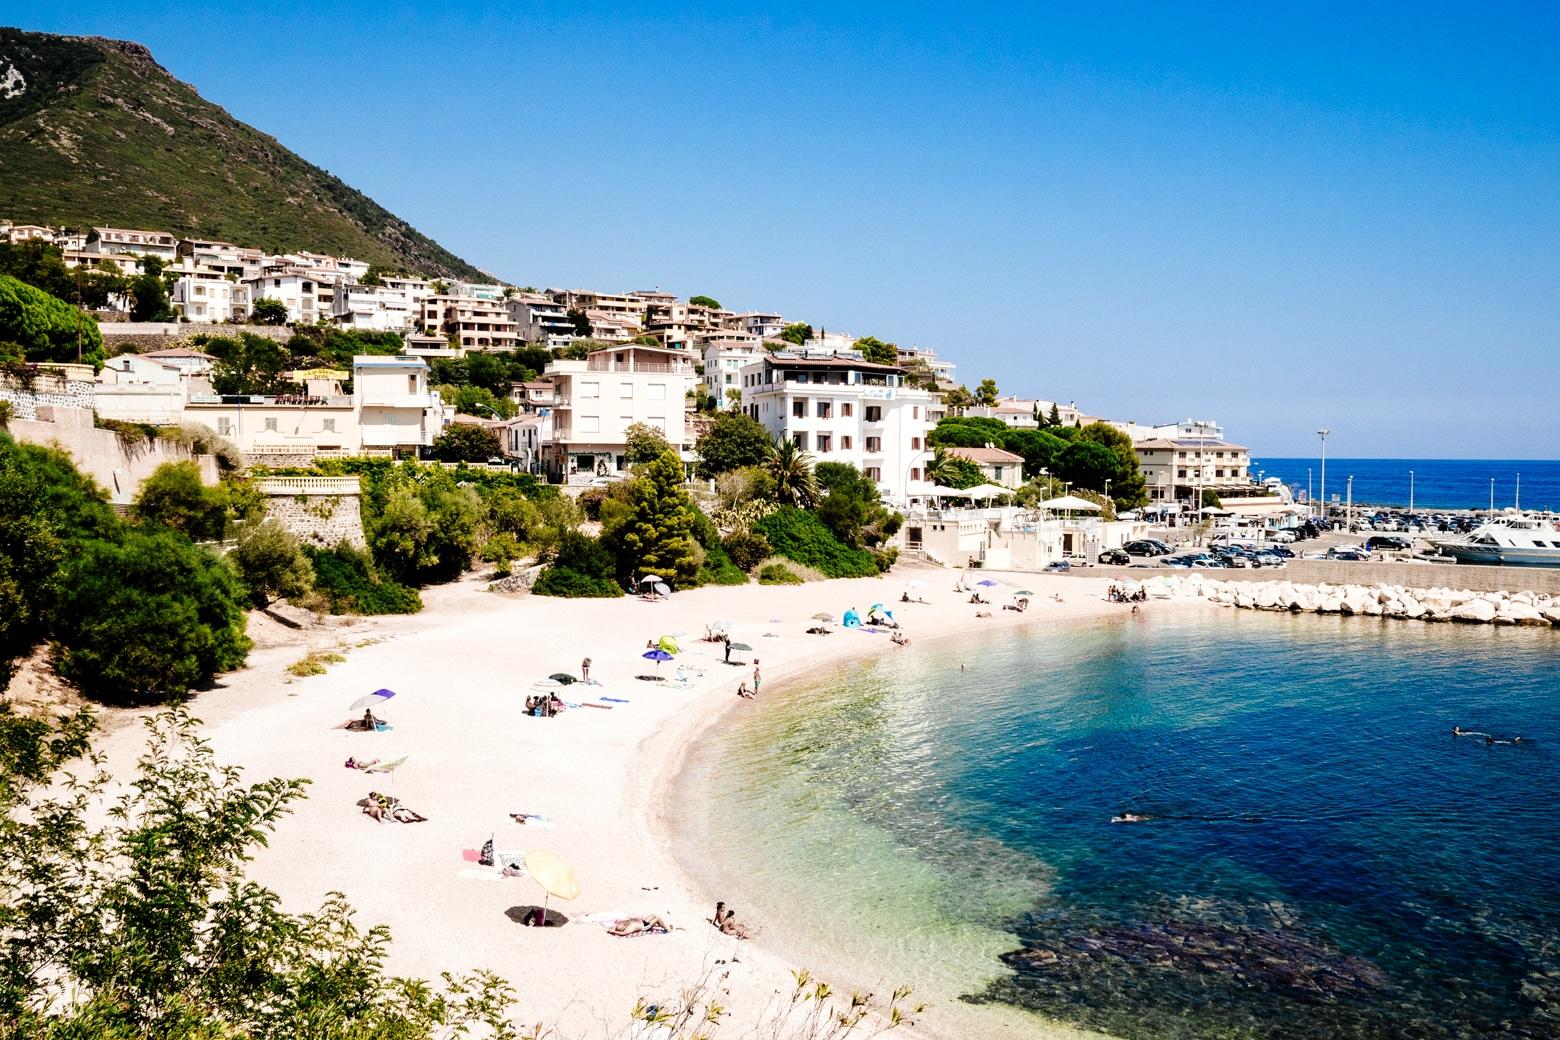 Cala Gonone Town Beach